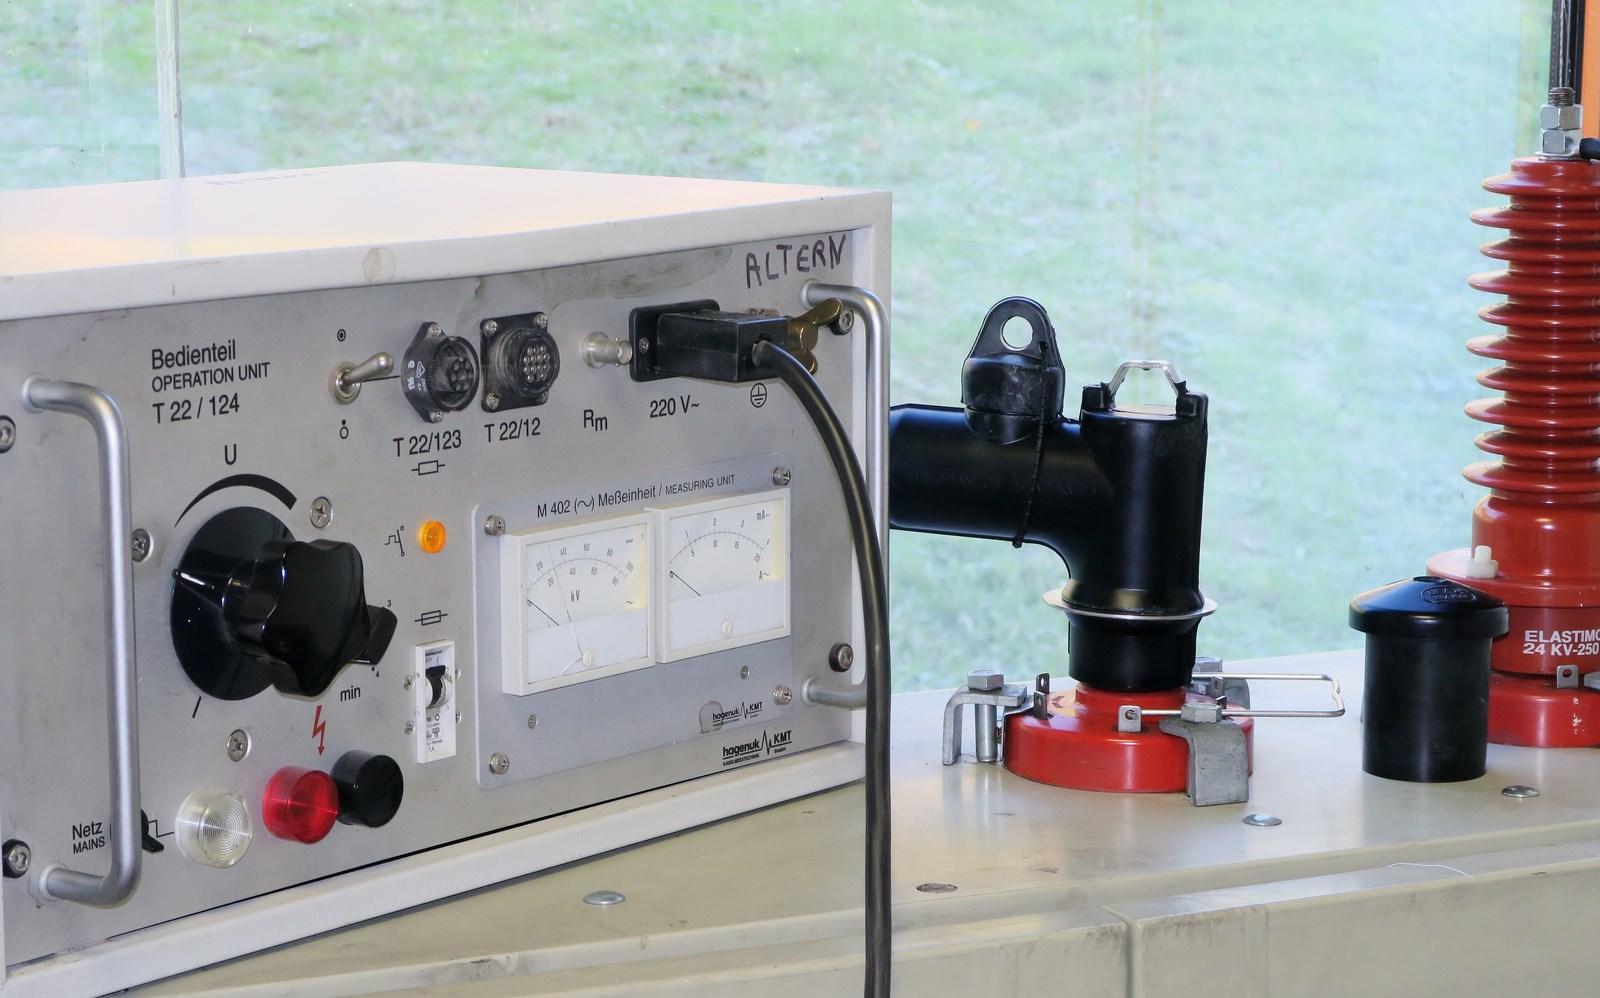 BANC DE TEST 2 courant alternatif 120 KV.jpg